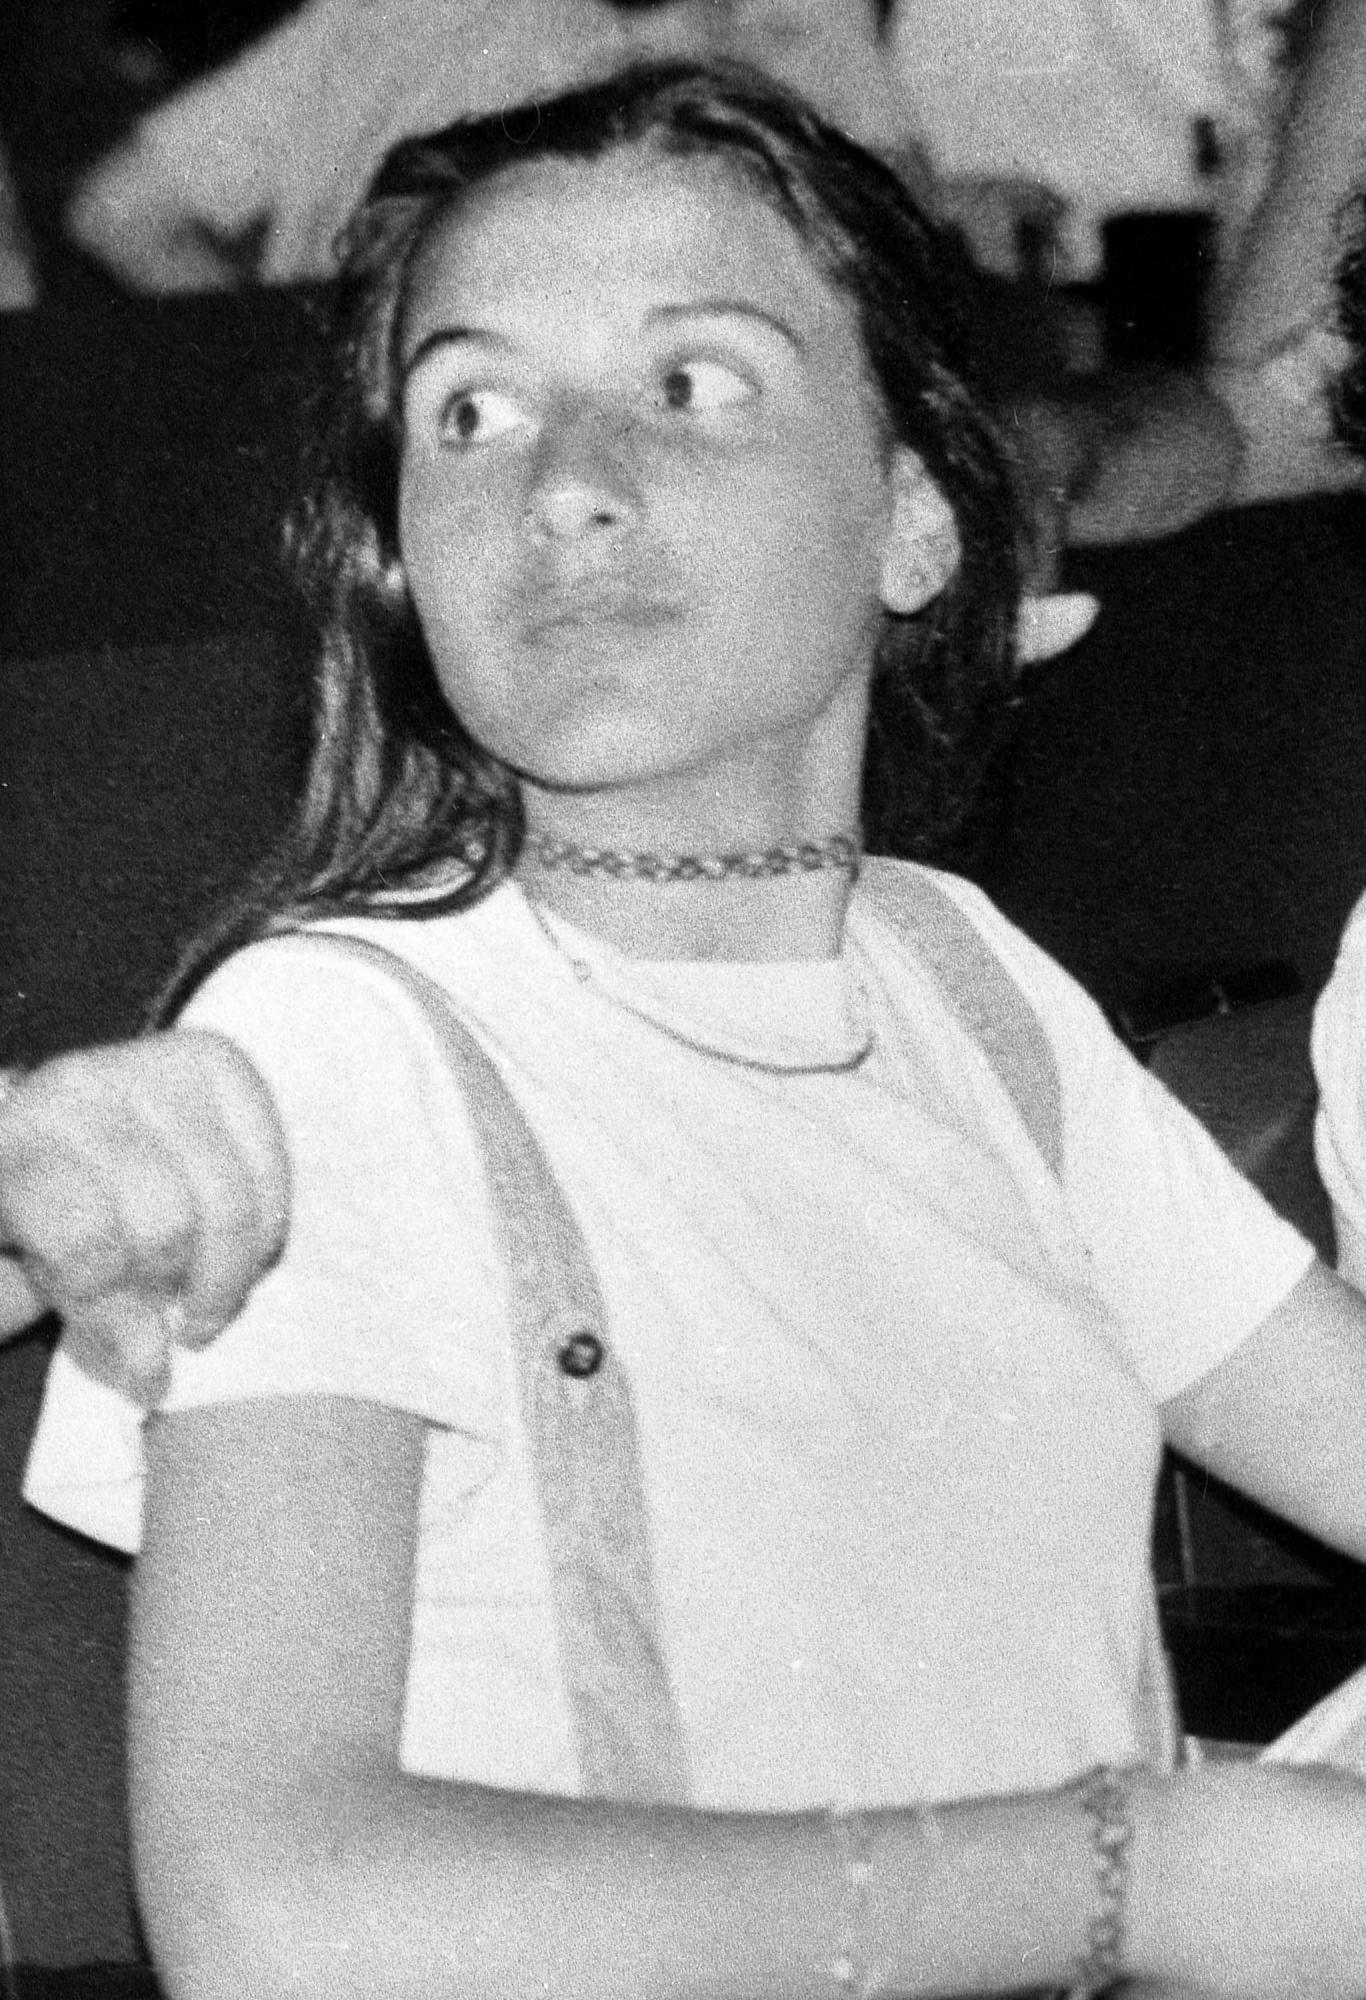 Una foto de archivo sin fecha que muestra a la adolescente italiana Emanuela Orlandi. (Foto: AP)